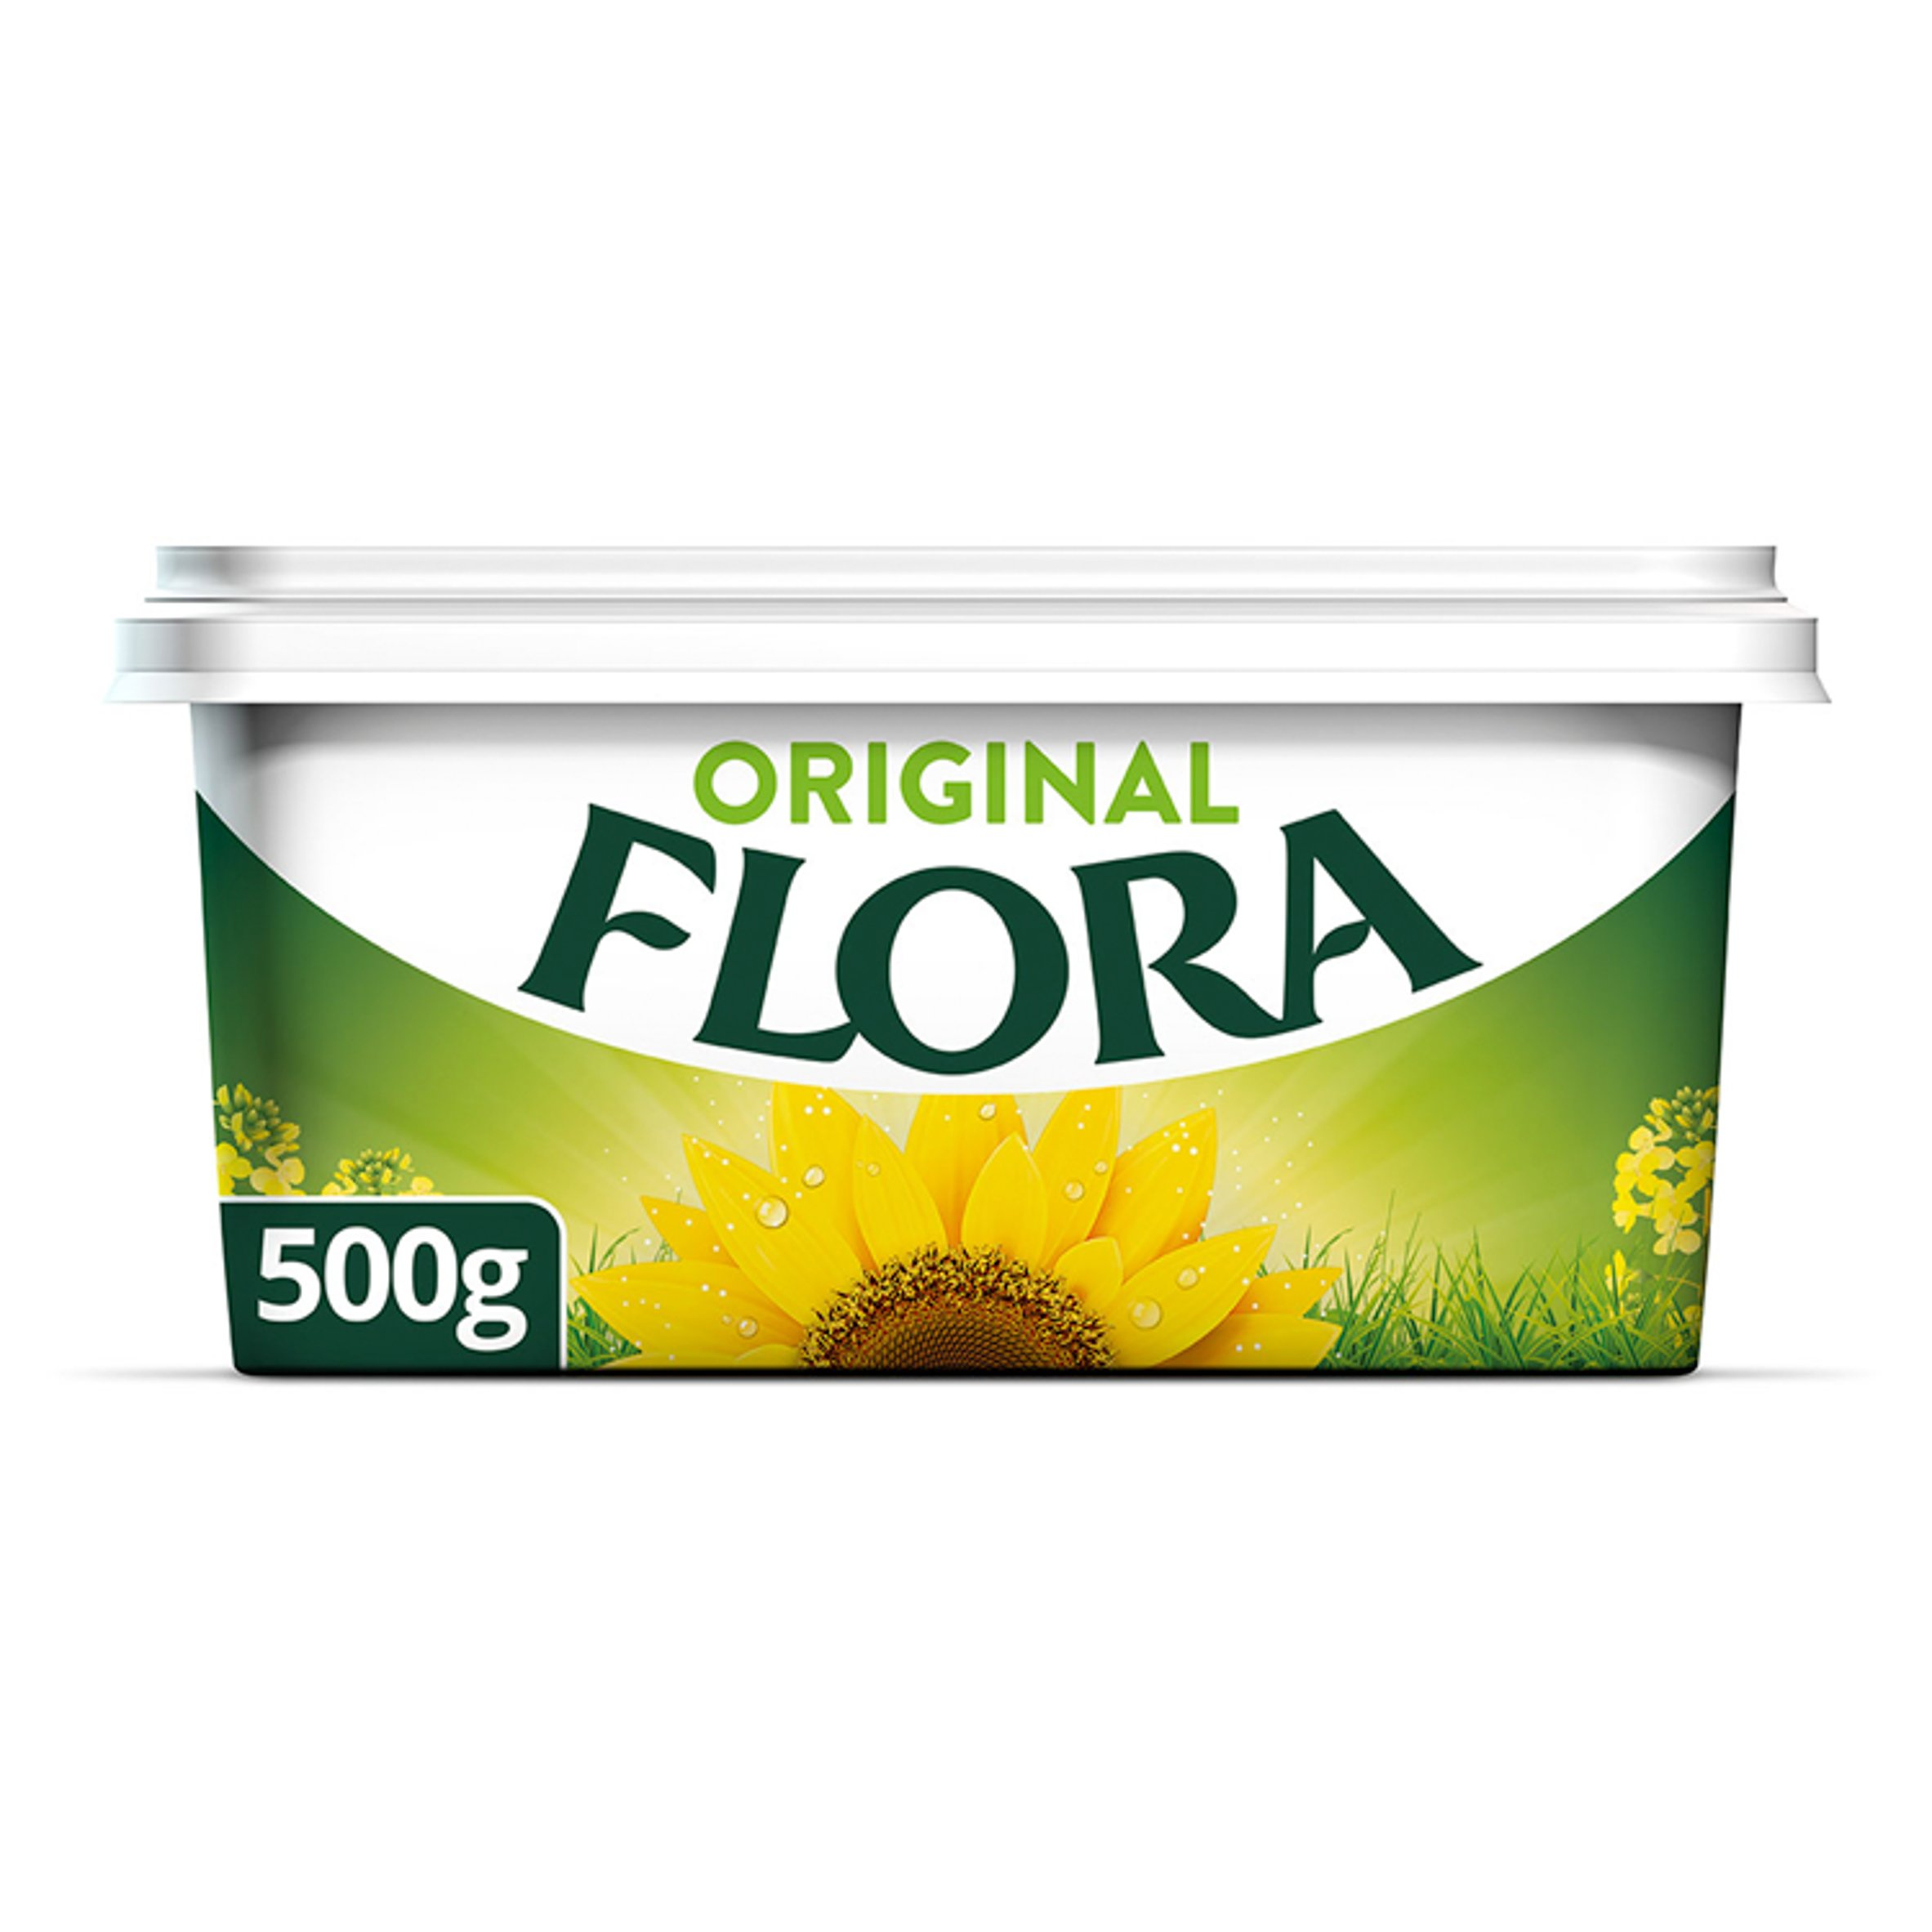 Flora Original Spread 500G - Tesco Groceries